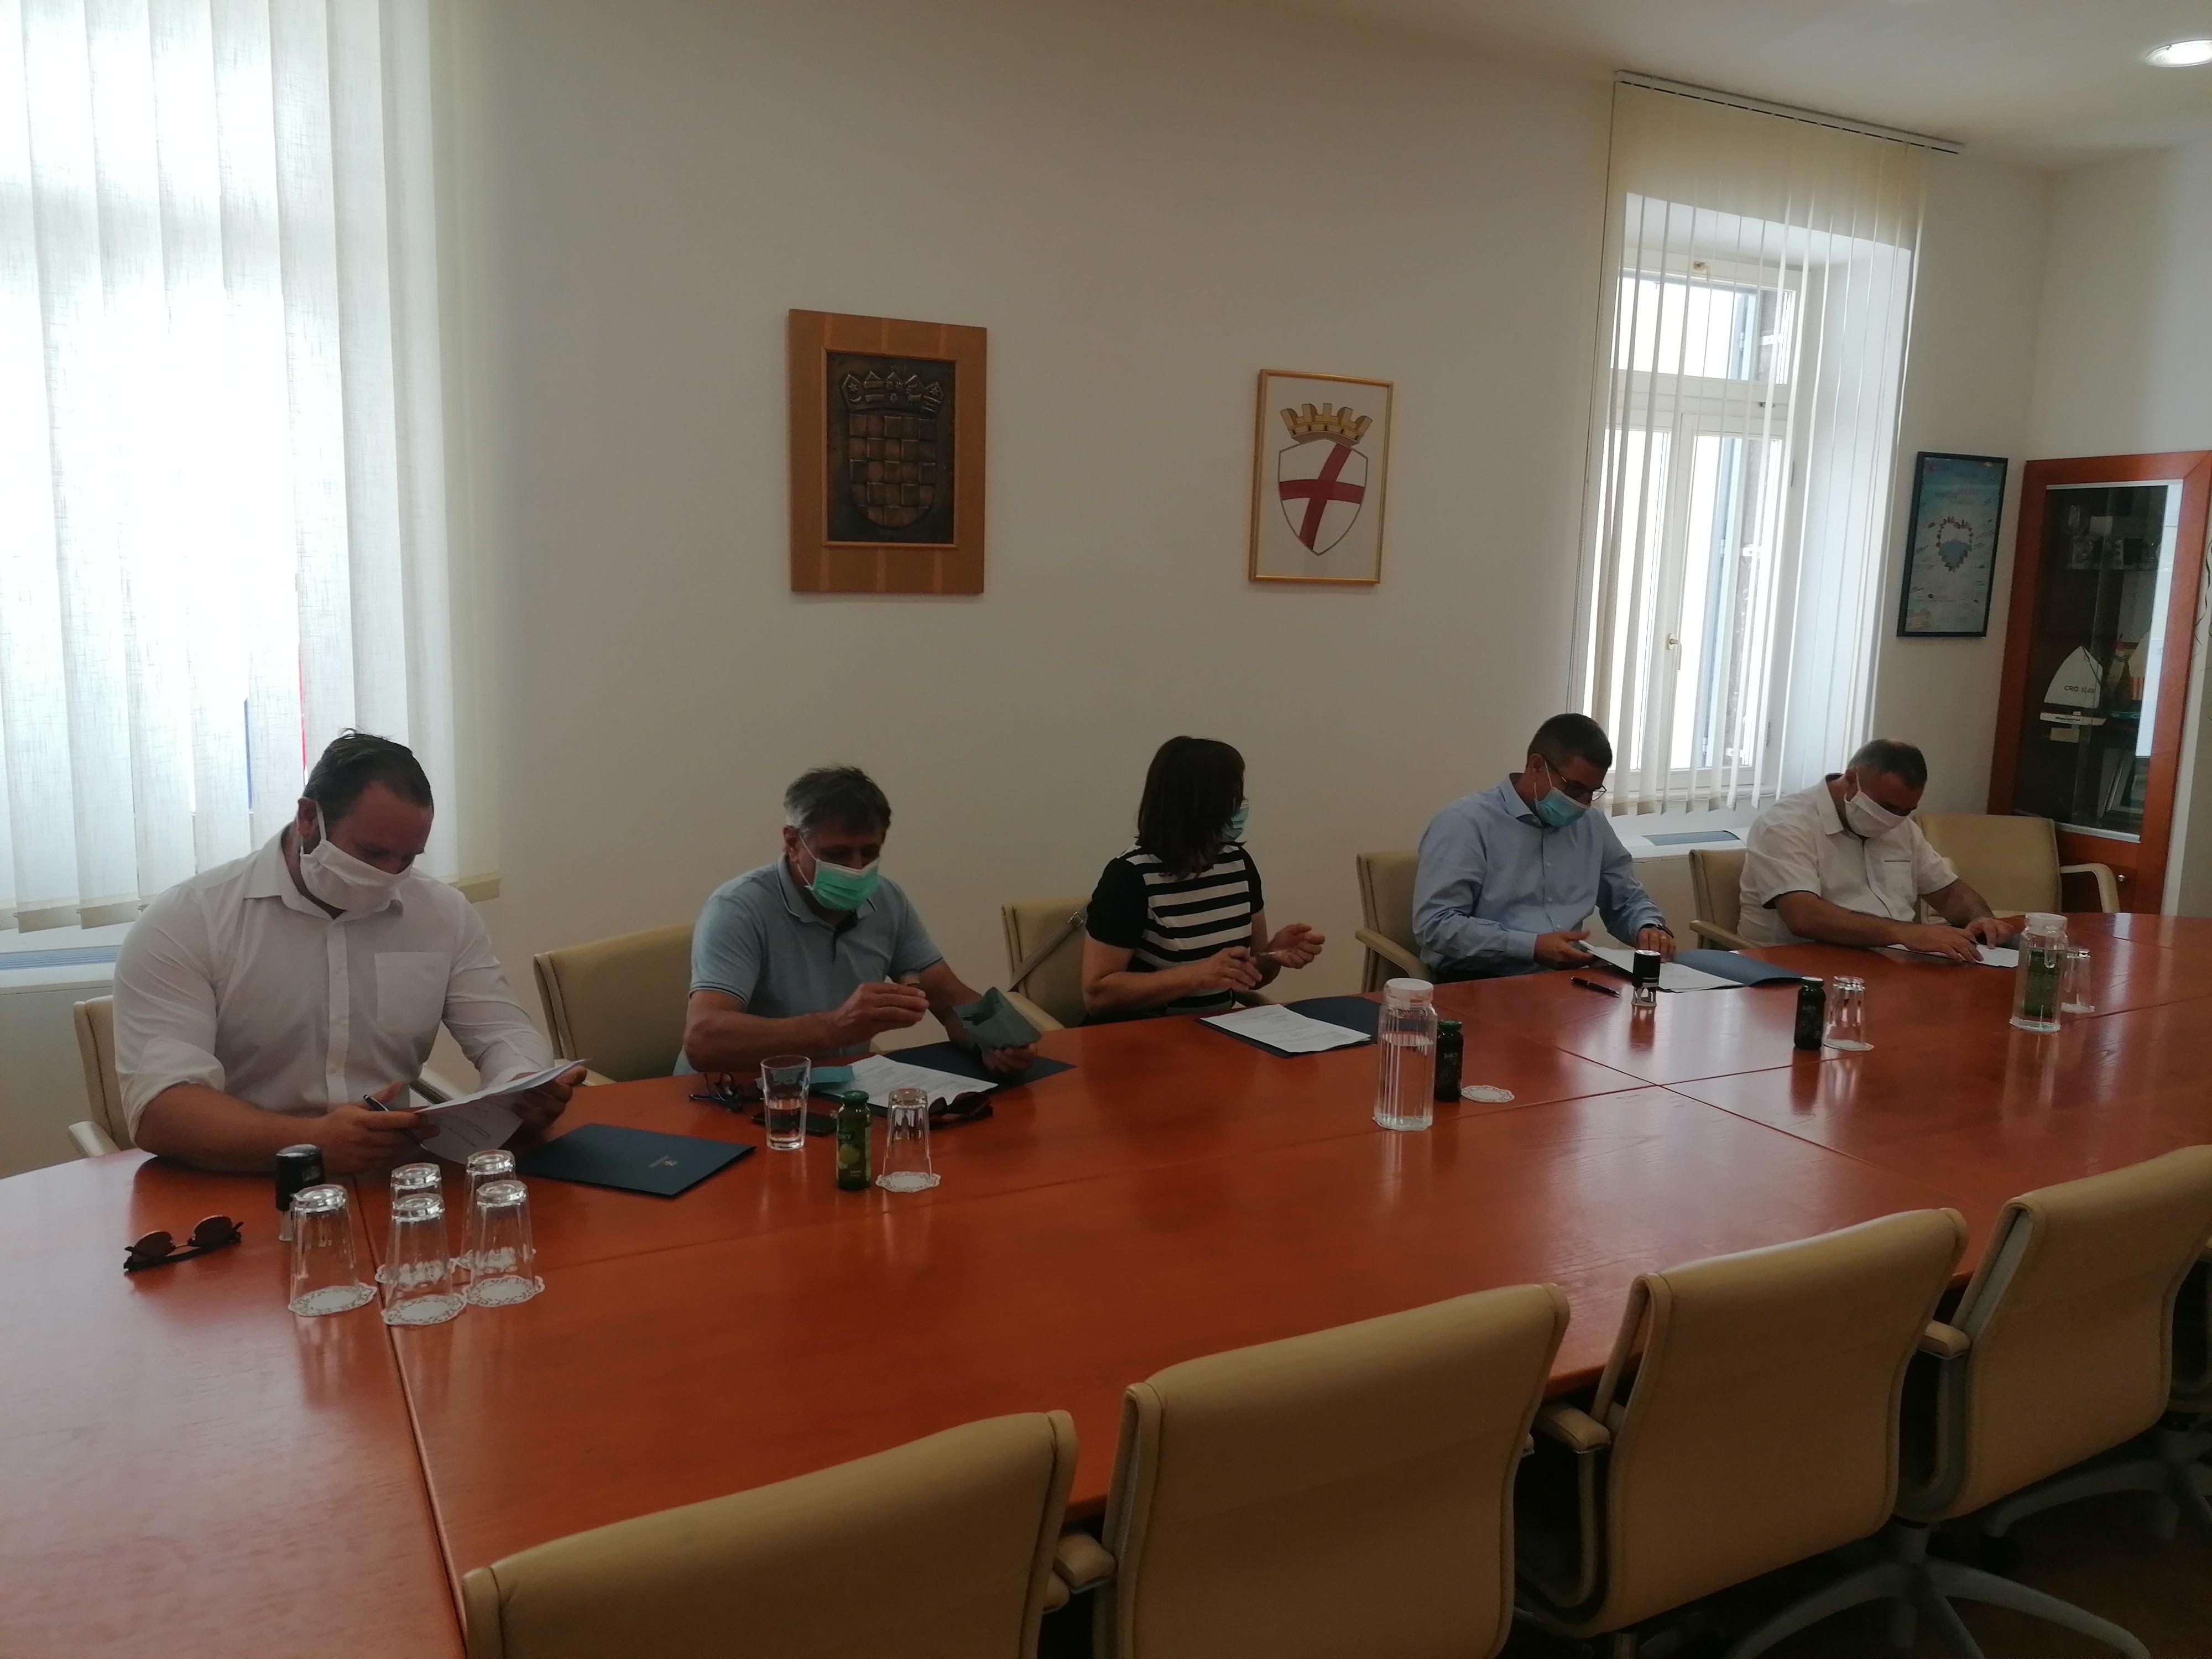 Potpisan Sporazum o sufinanciranju dodatnog tima Hitne pomoći za područje Rovinjštine